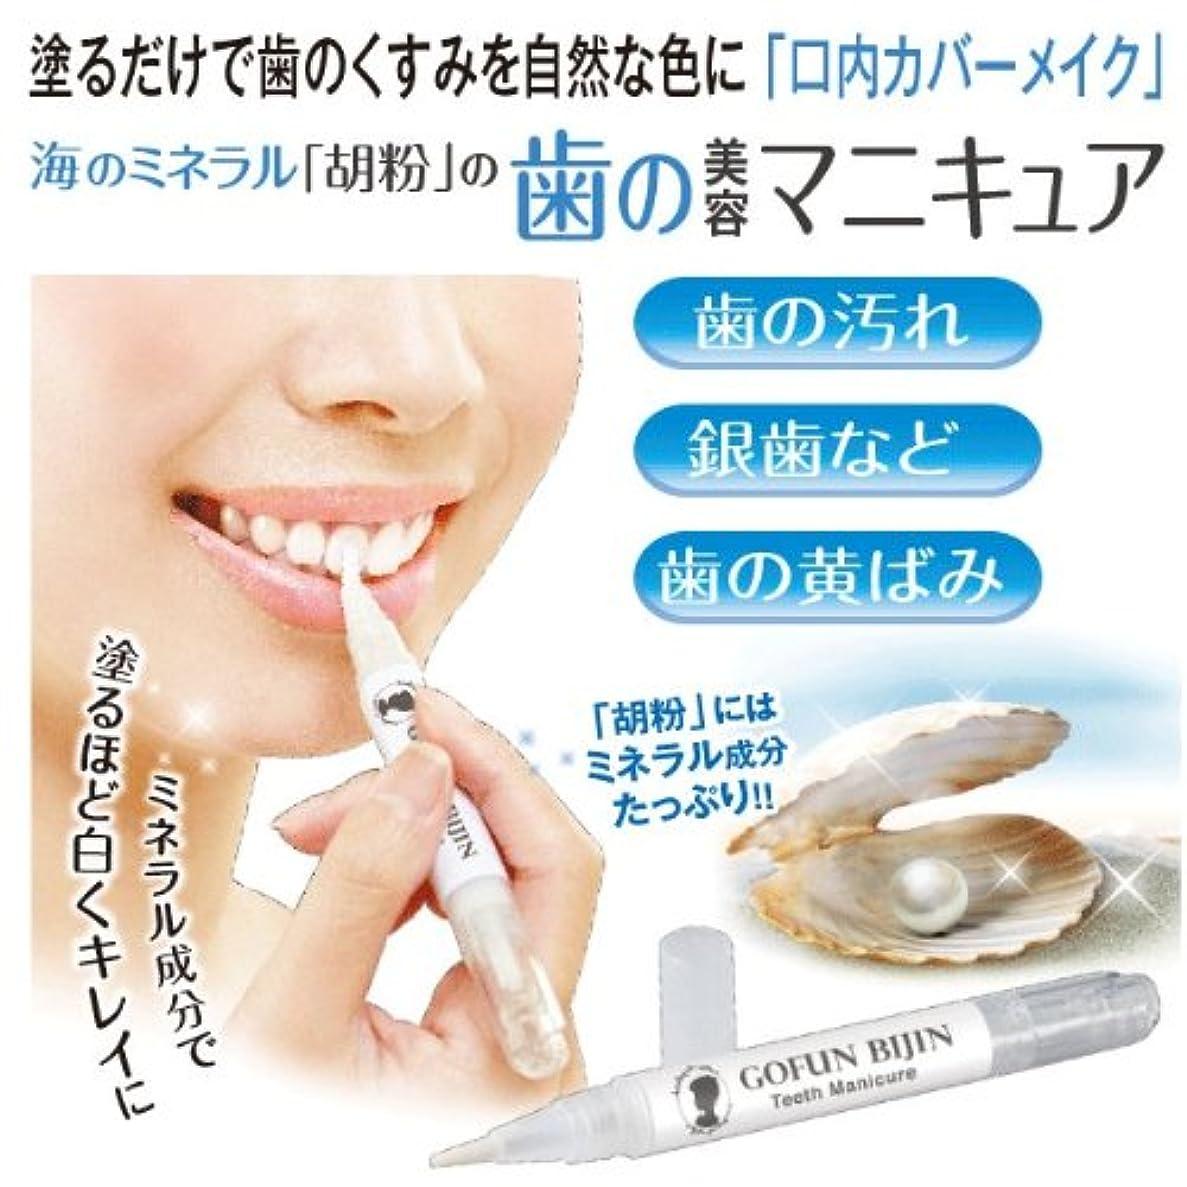 報復する負担ノーブル胡粉美人 歯マニキュア 歯にミネラルを補給してキレイに